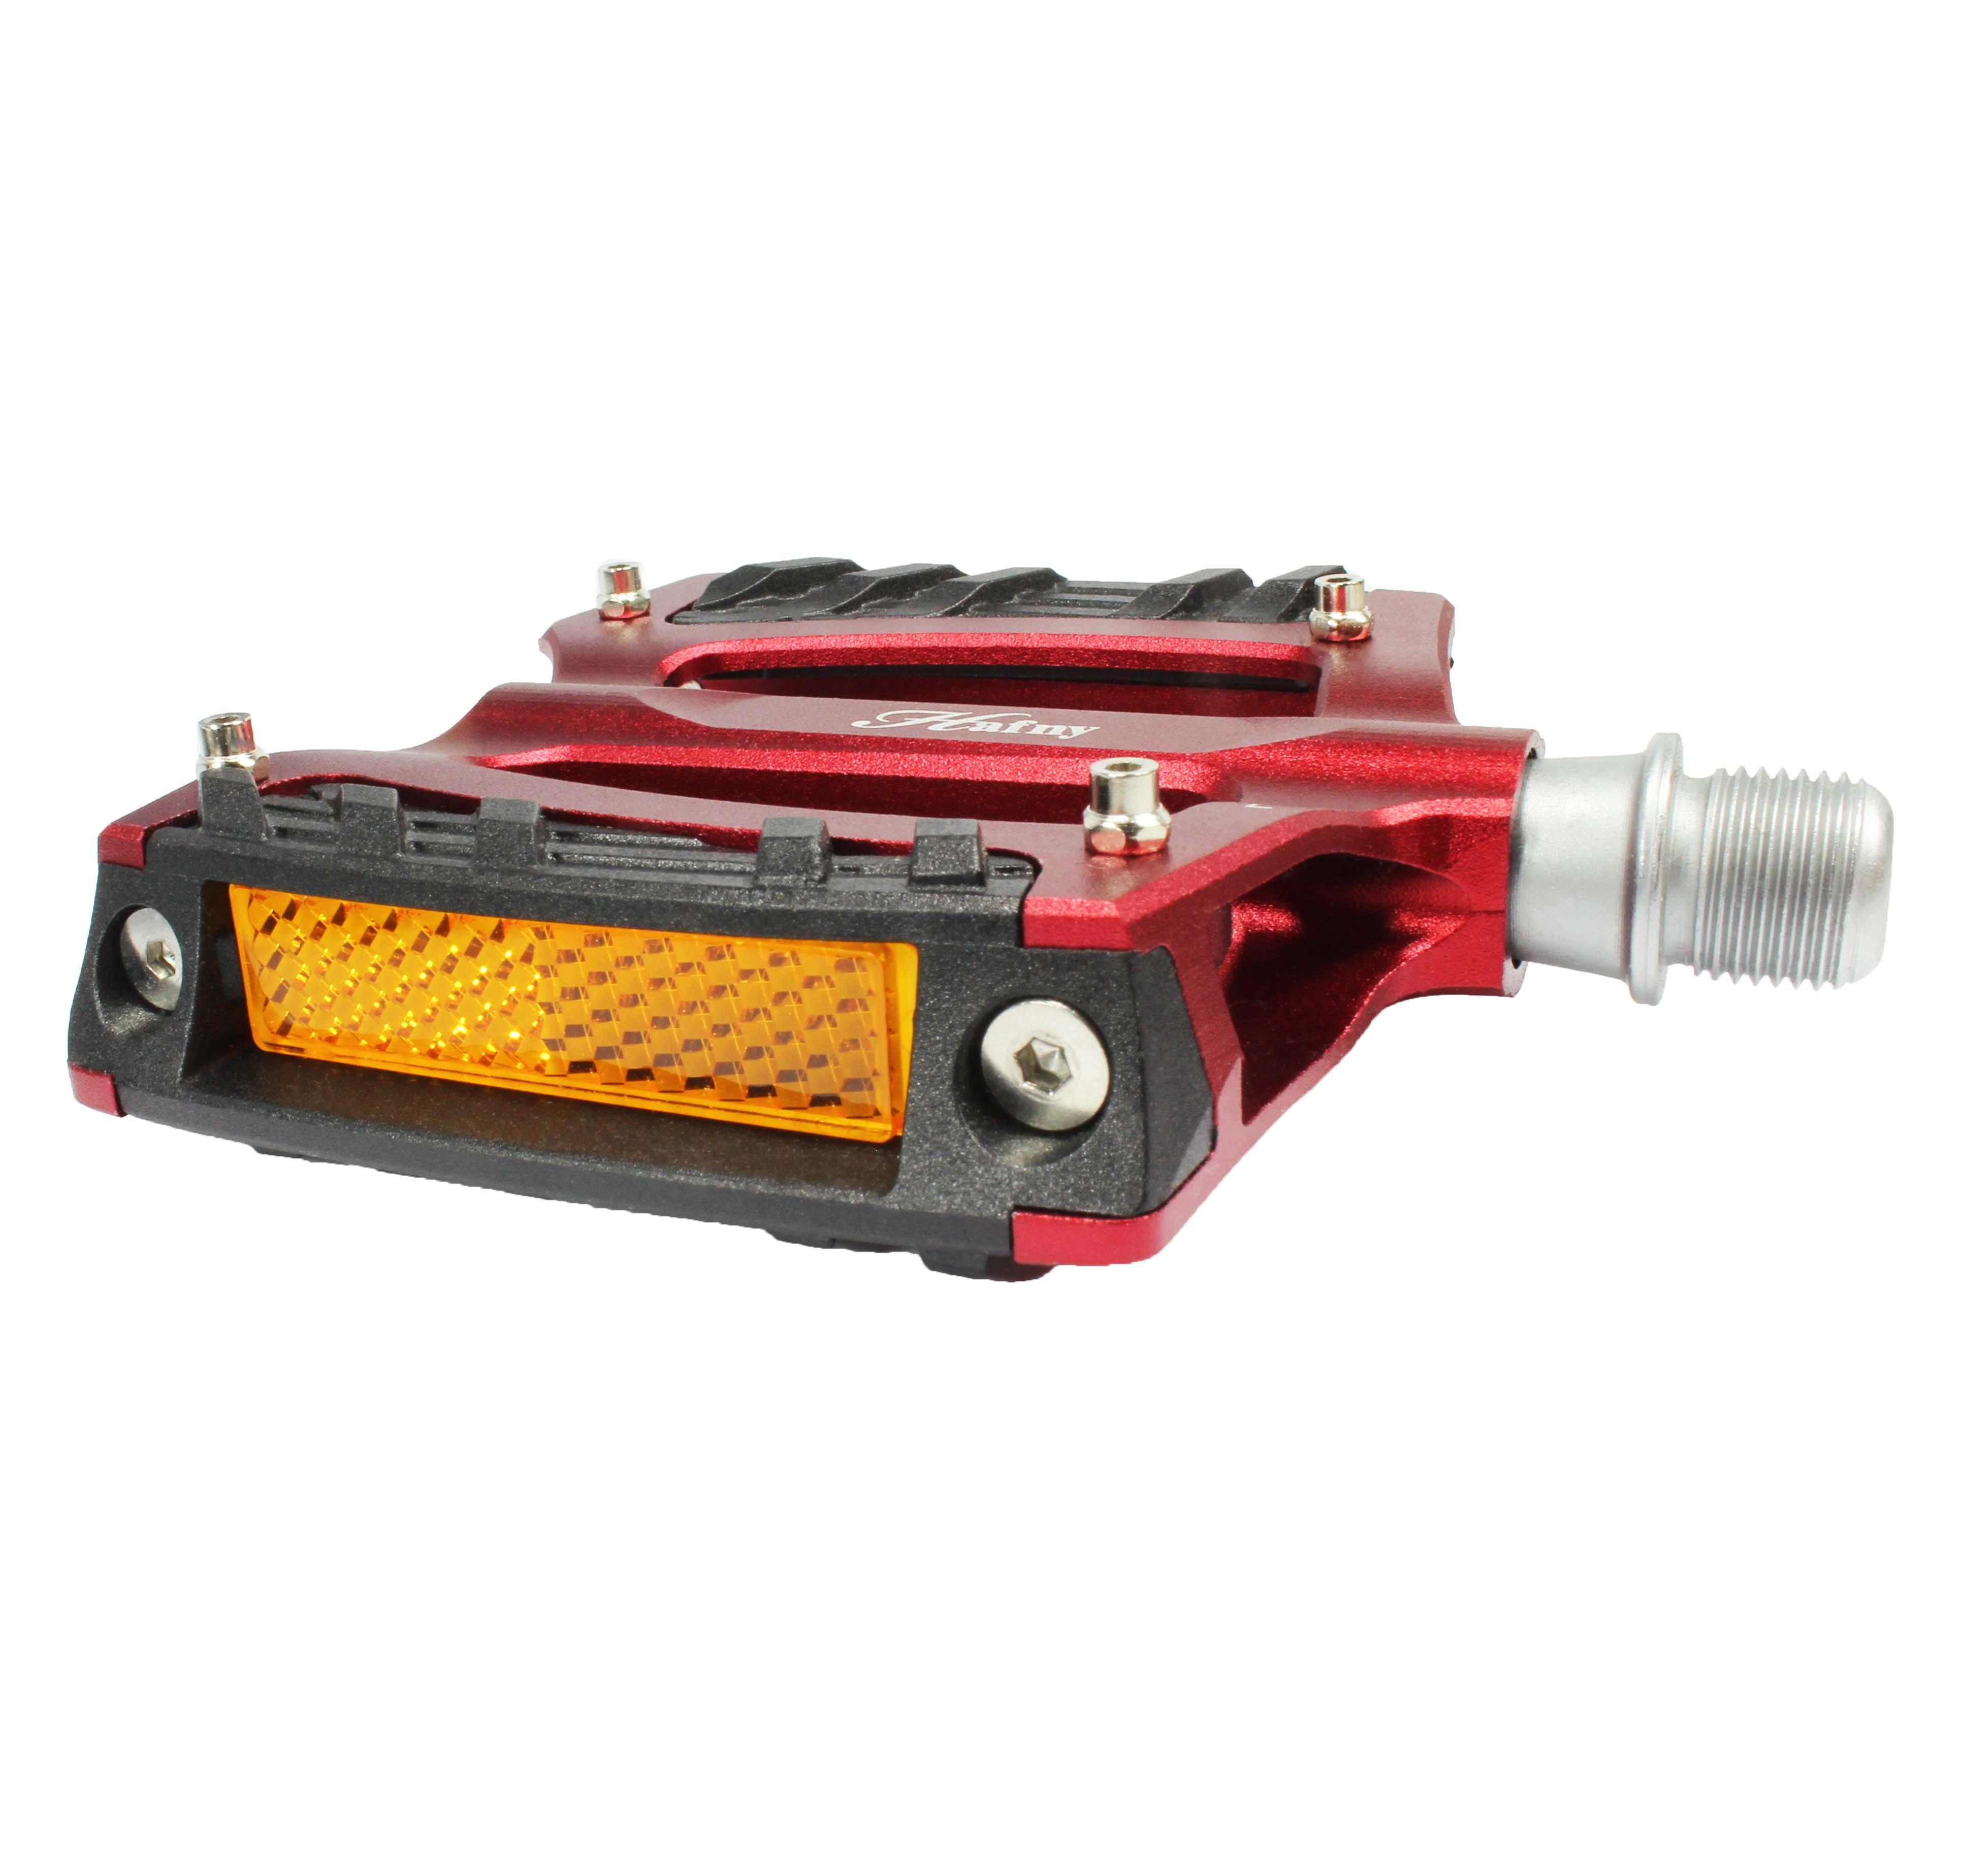 HF1000R